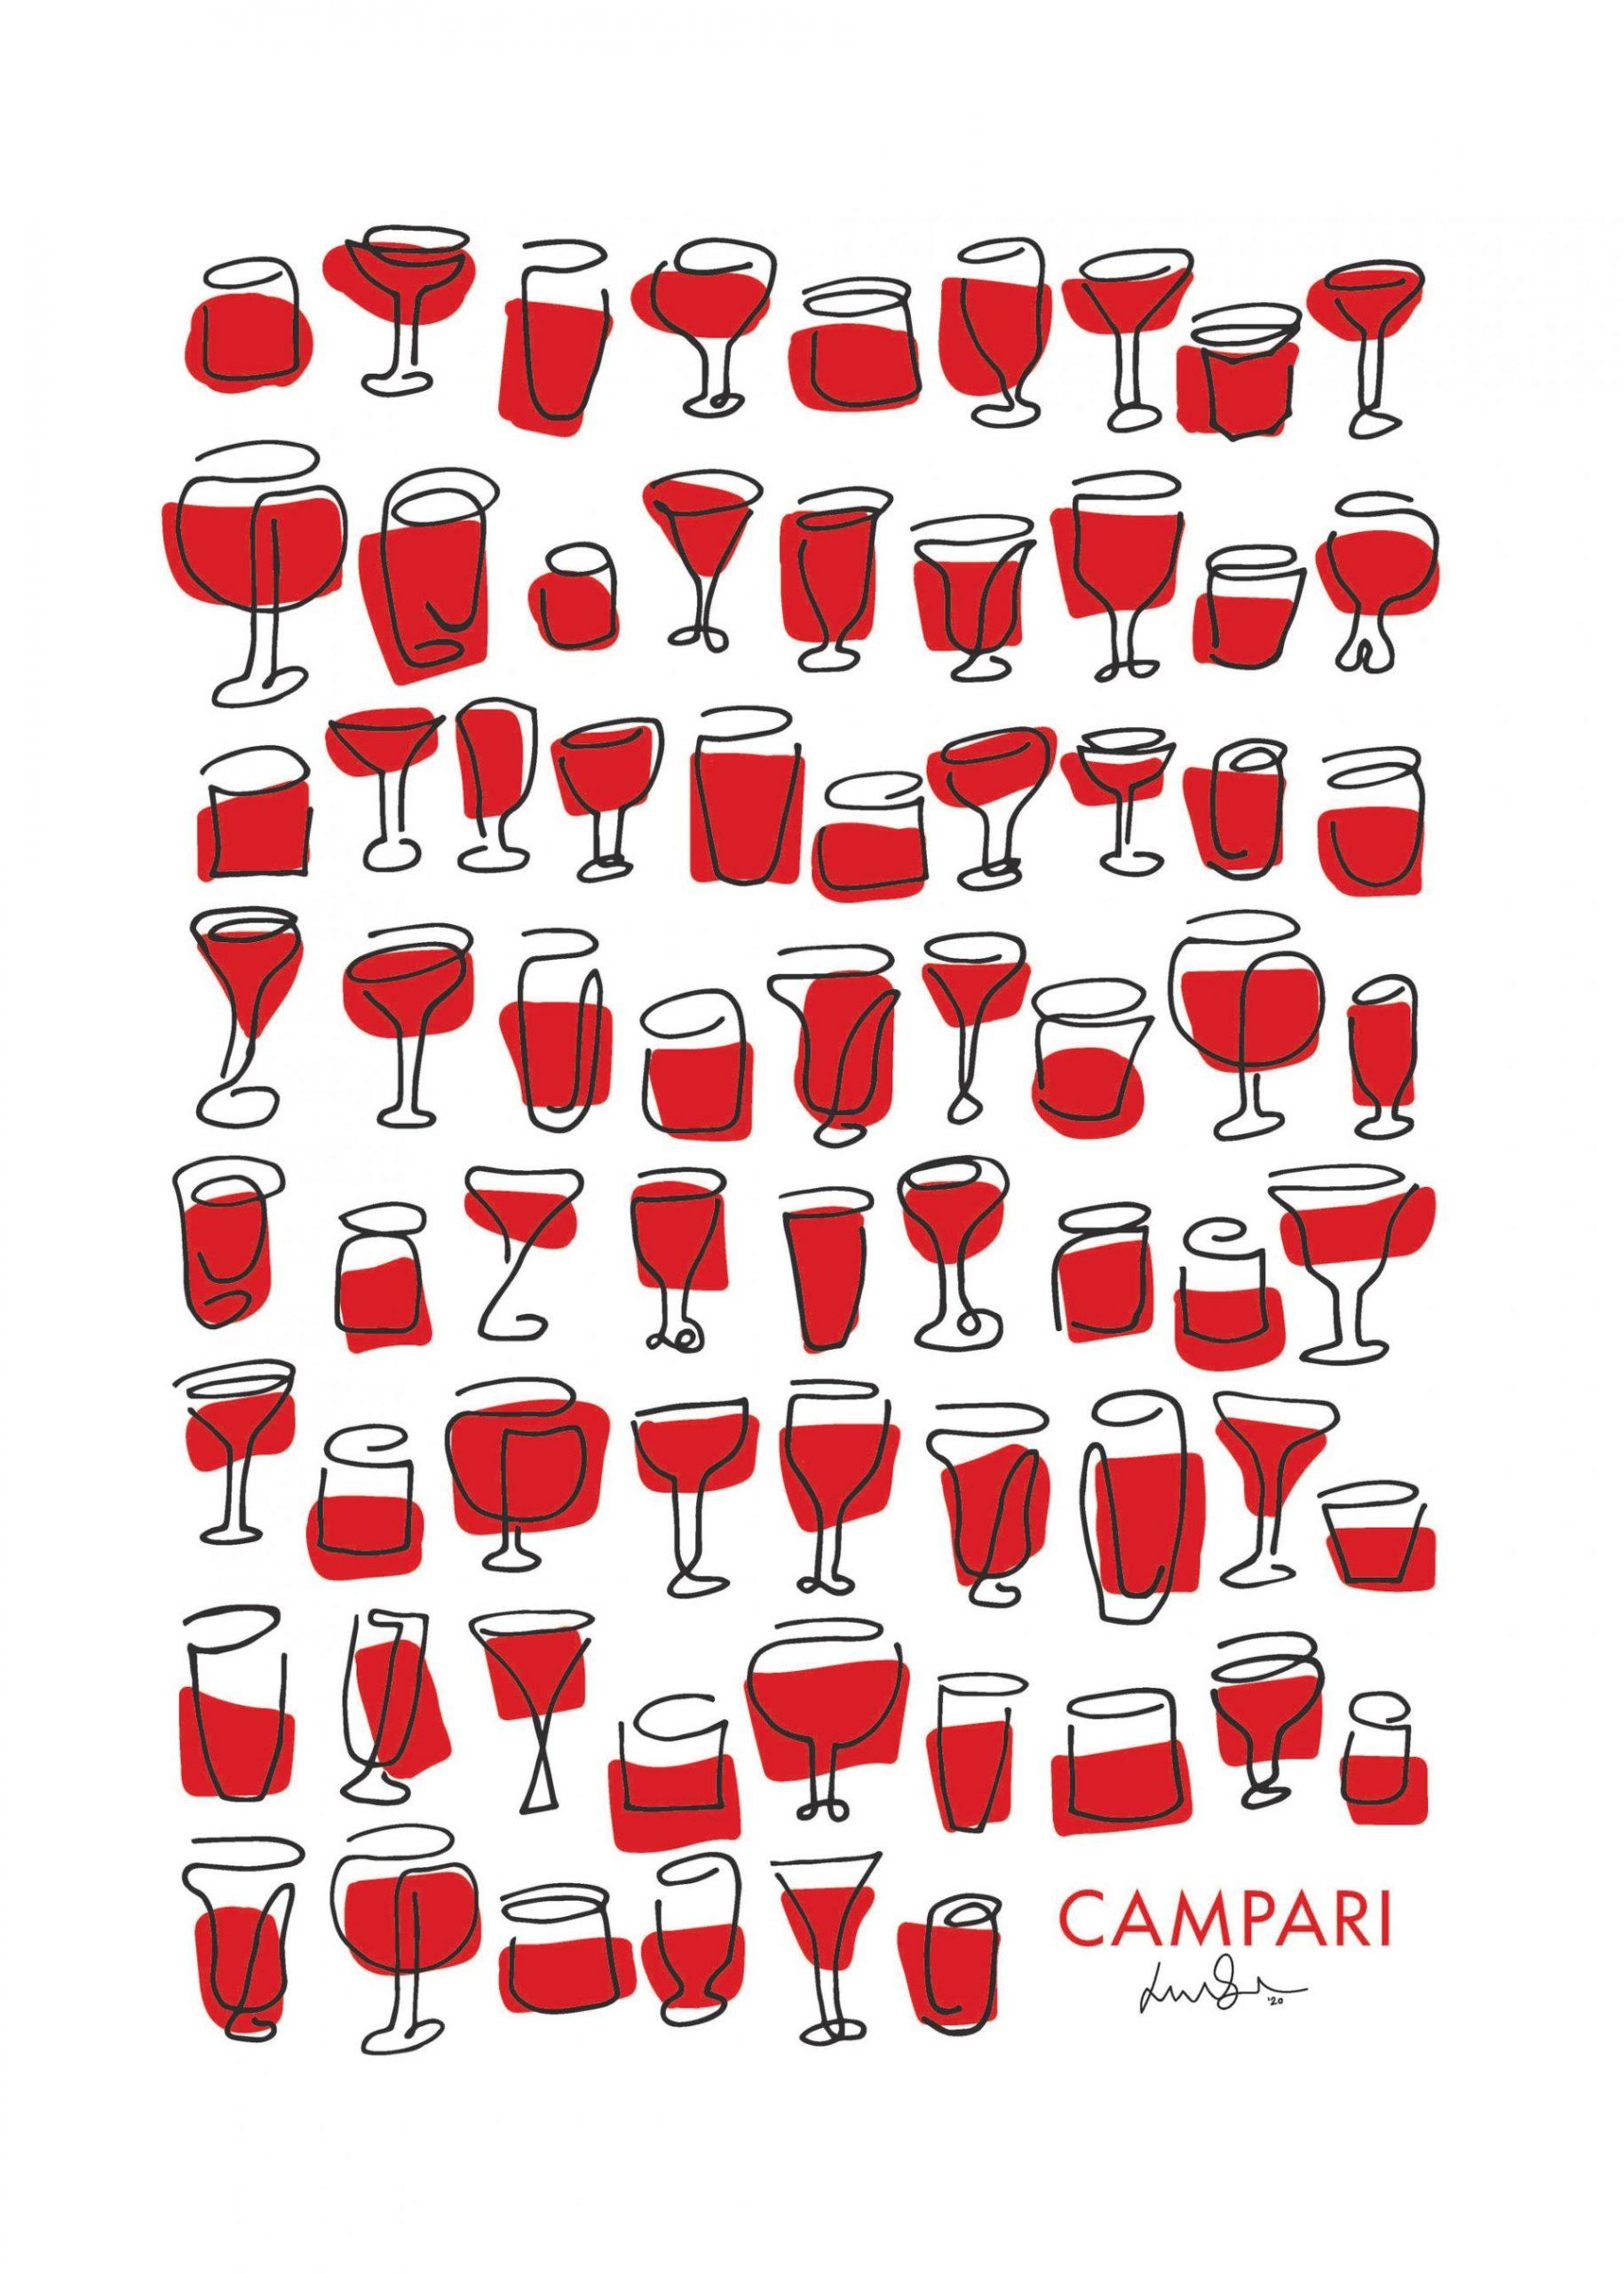 Campari har udvalgt en talentfuld, dansk kunstner til at skabe deres ikoniske Campari-plakat. Nu kan værket endelig købes